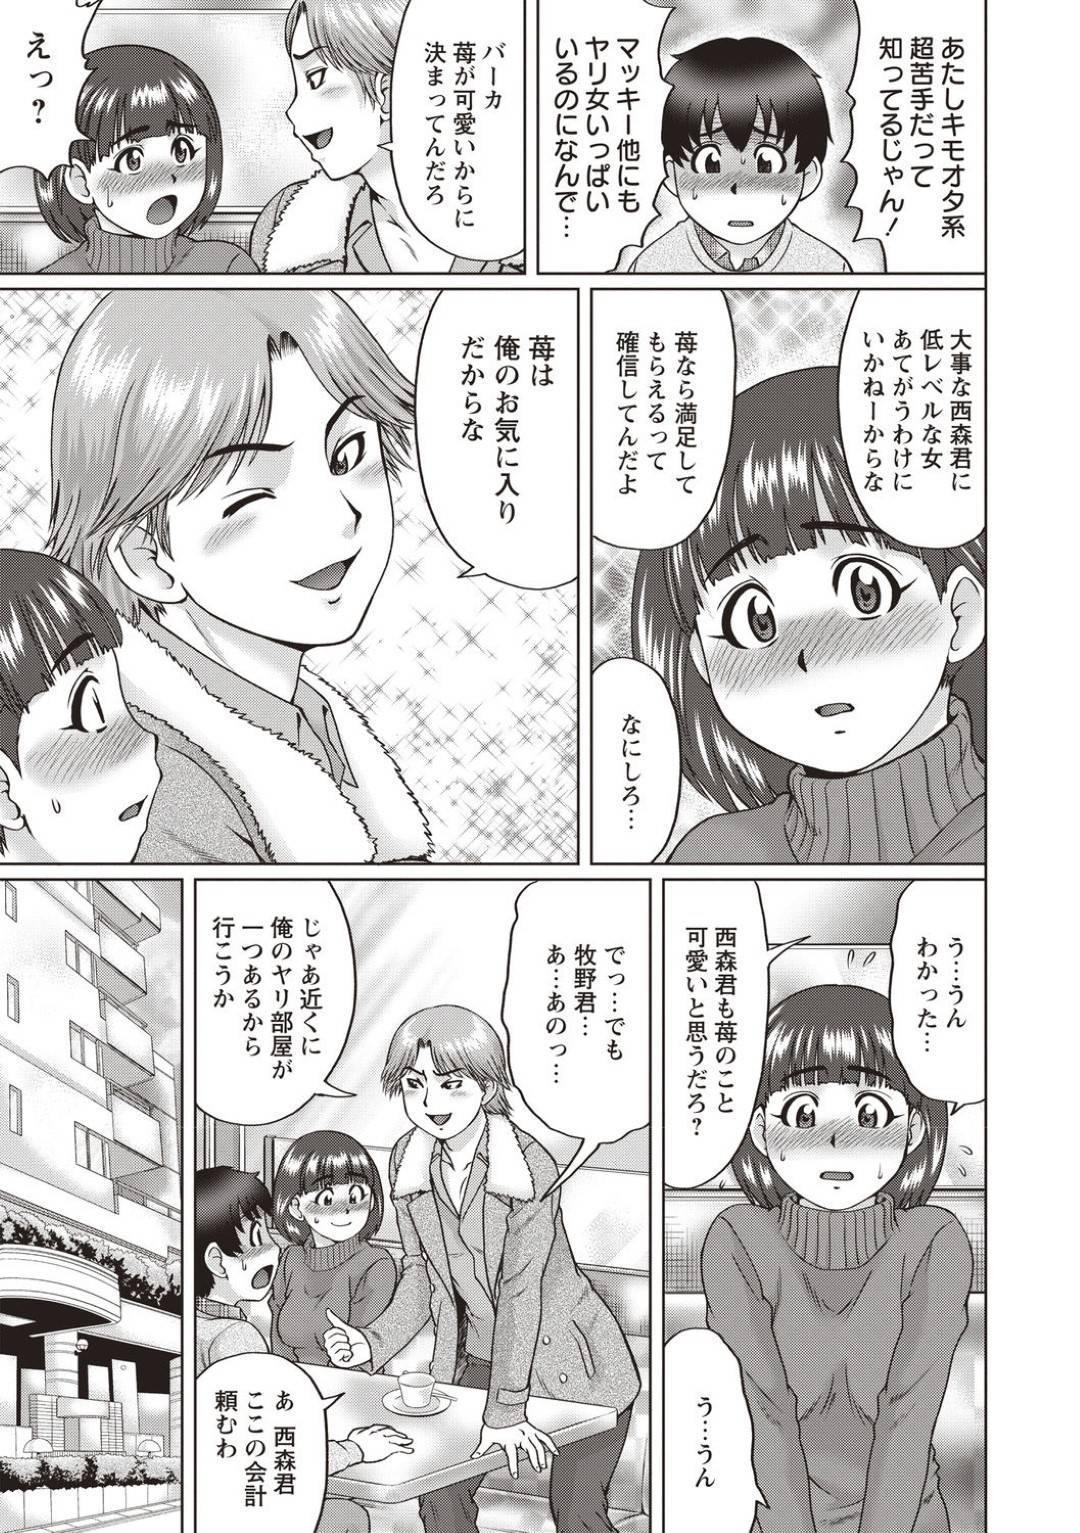 【エロ漫画】彼氏に頼まれ彼氏のパシリ相手の童貞男子の筆下ろしをする淫乱ビッチな彼女は生ハメ中出しセックスでイキまくる